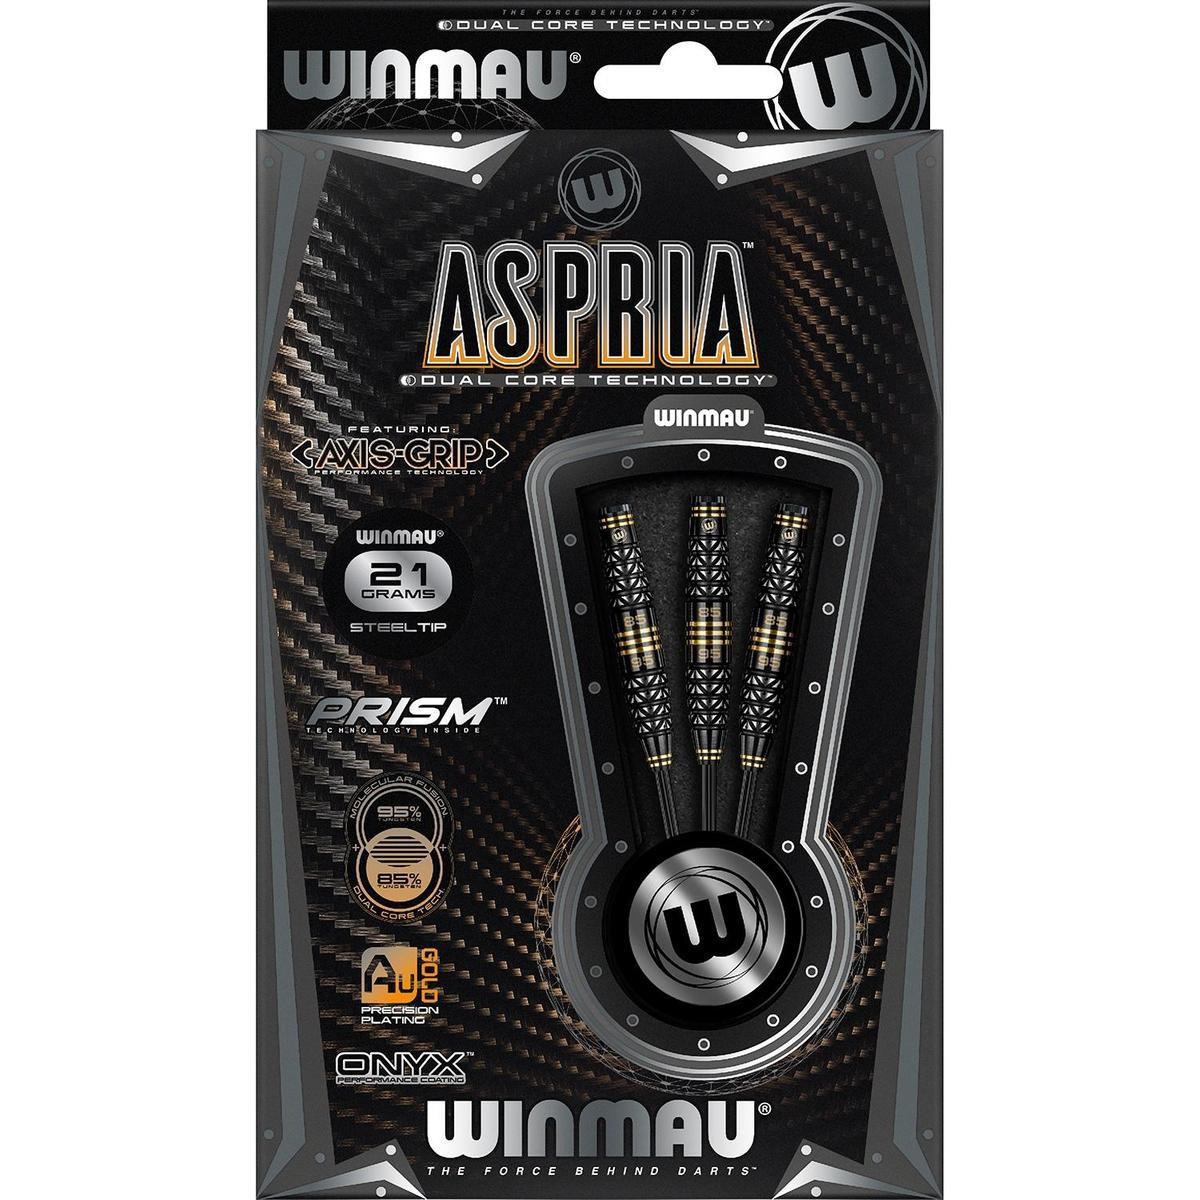 Winmau Aspria A 95%/85% - 21 Gram